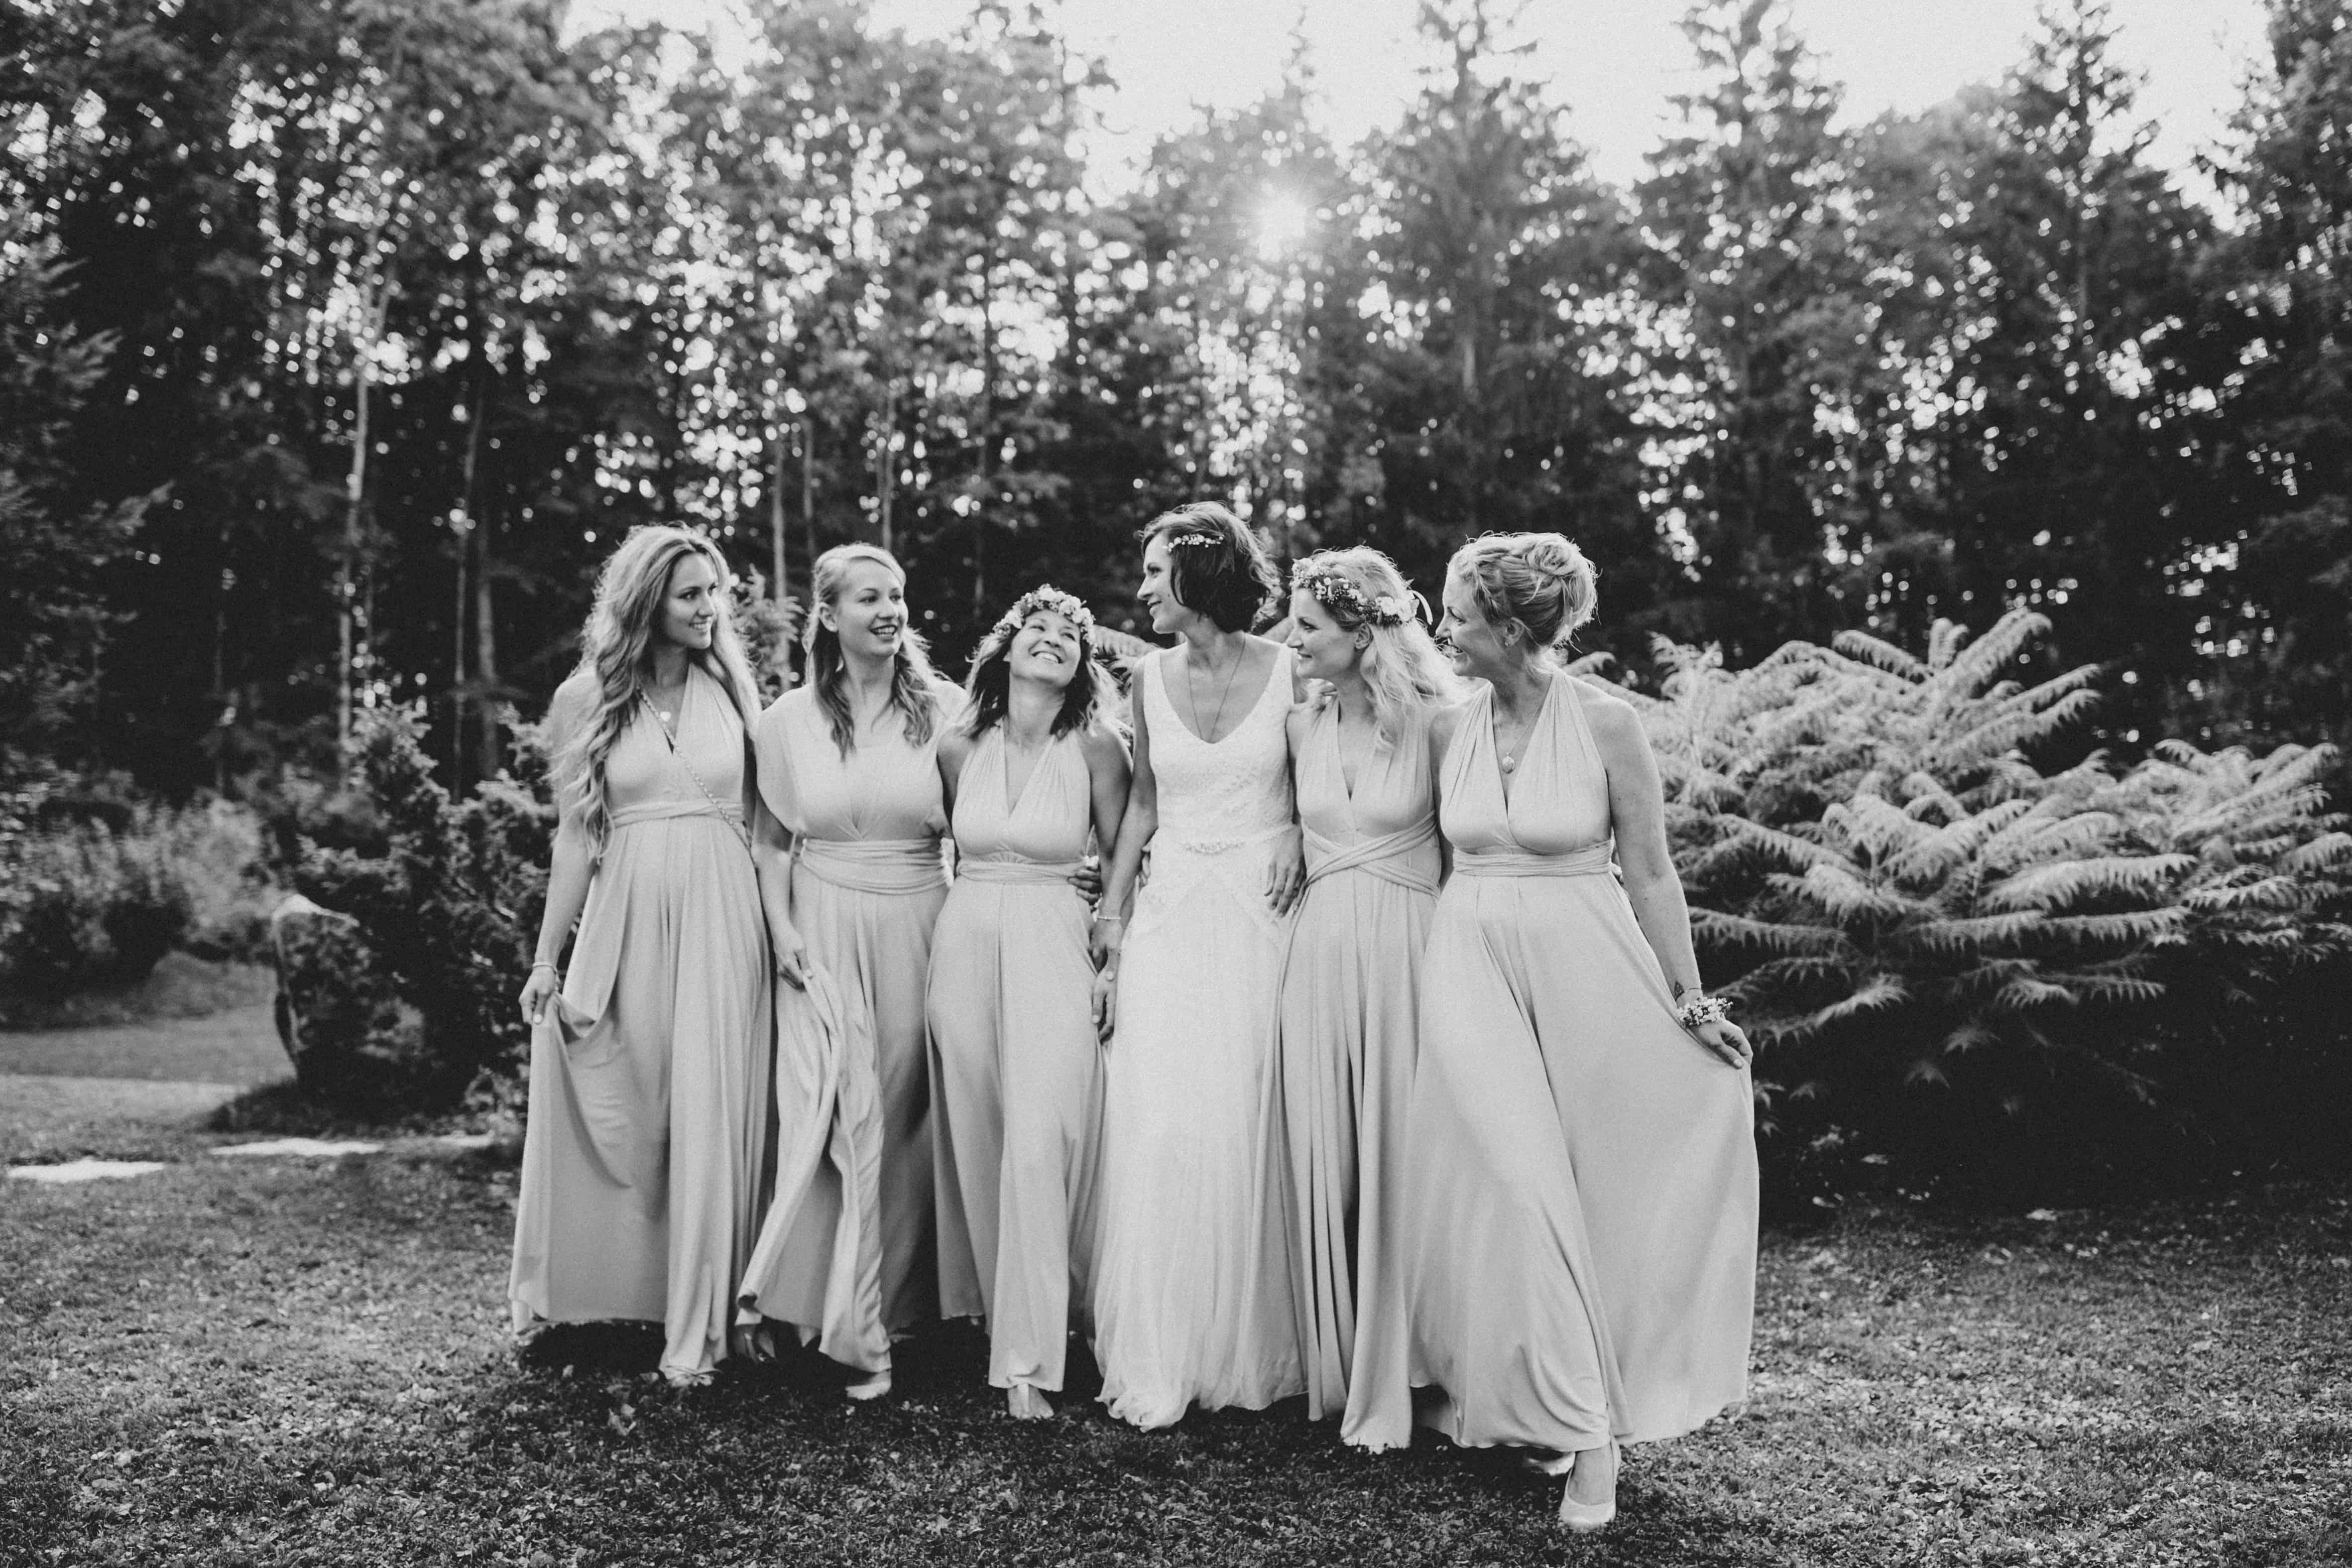 Braut mit Trauzeugin und Brautjungfern, welche alle dasselbe Brautjungfernkleid tragen. Was für eine schöne Herbsthochzeit #teambride Hochzeitsplanung pure passion weddings by Anna Walch